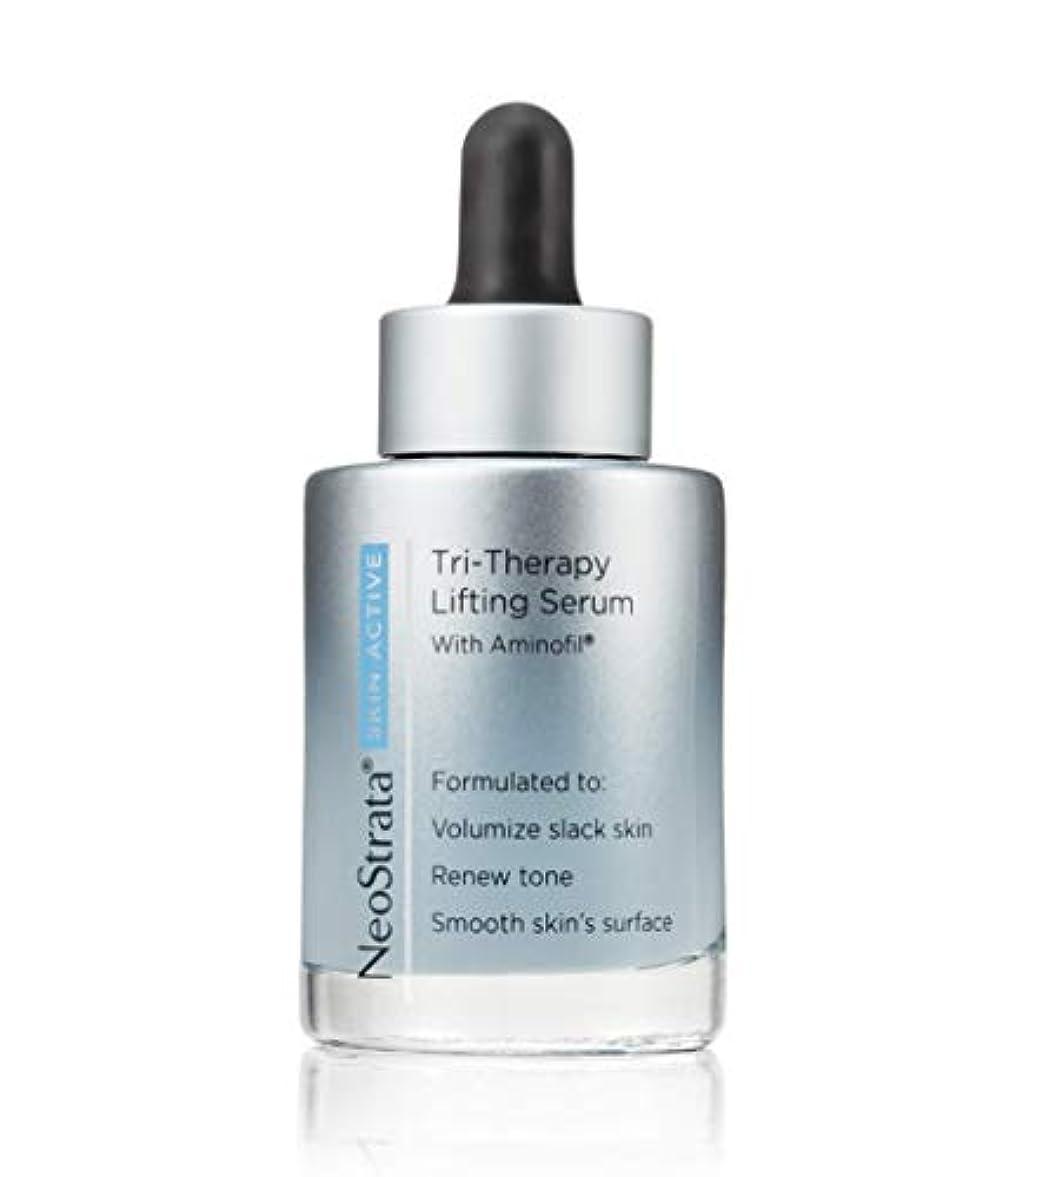 危険を冒しますひばり意志に反するネオストラータ Skin Active Tri-Therapy Lifting Serum With Aminofil 30ml/1oz並行輸入品